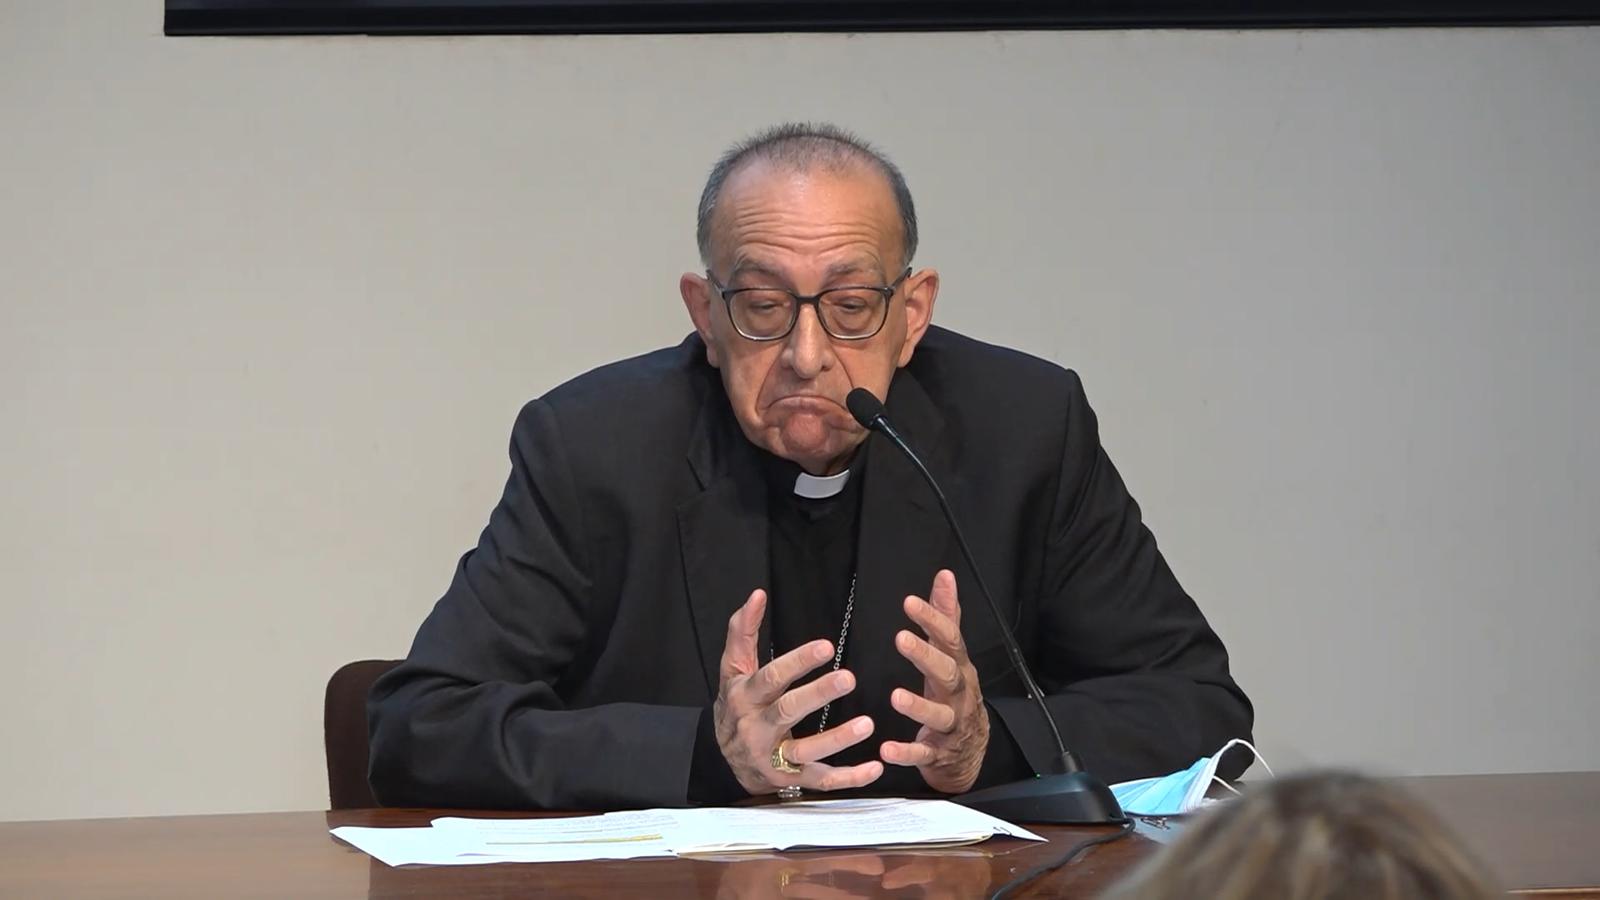 Omella respon la germana de Turull: Només visito les presons de la meva diòcesi